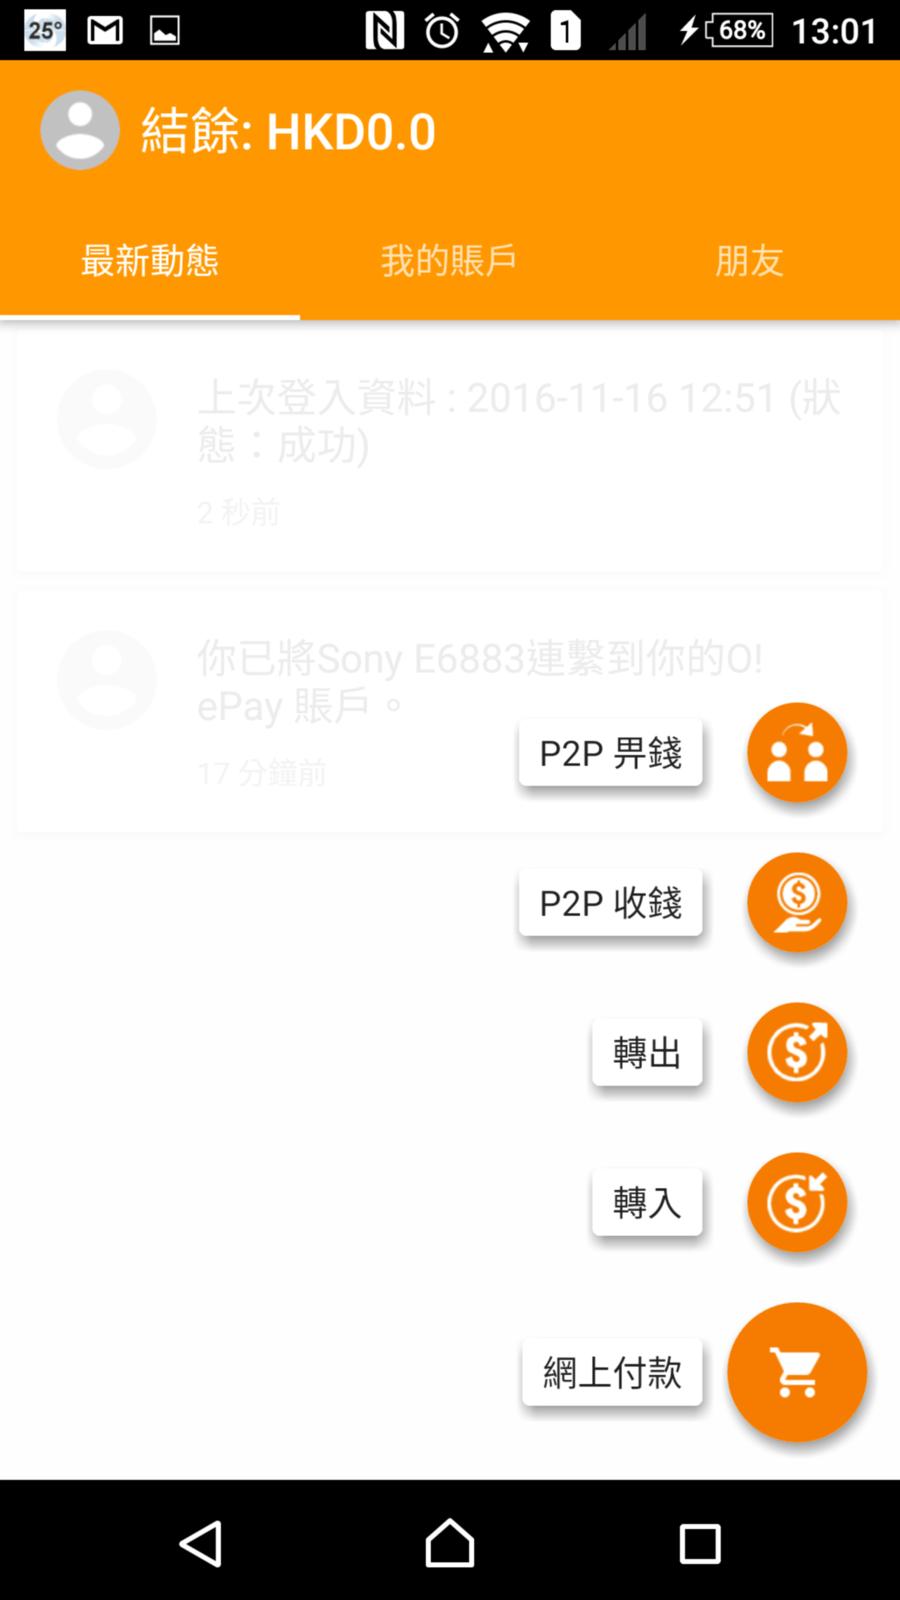 八達通 O!ePay 好易畀 2.0 新版 放寬轉出金額至每日一萬元 - 香港 unwire.hk